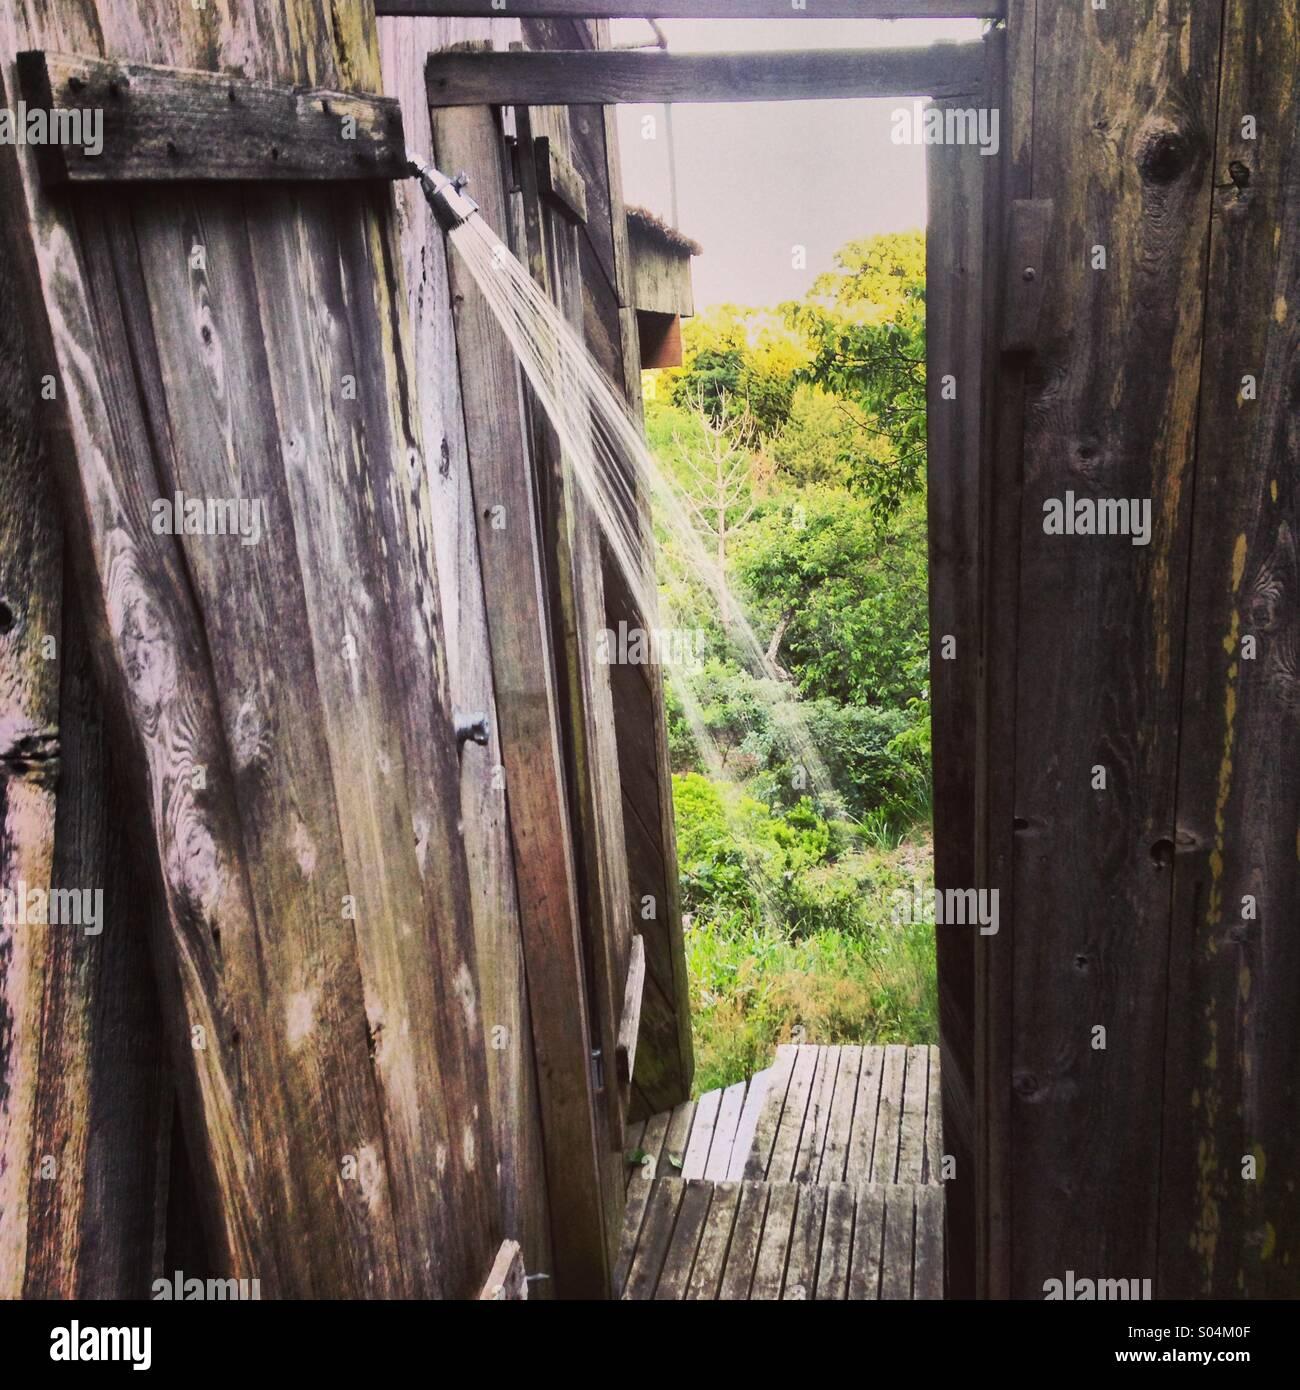 Hamptons outdoor shower - Stock Image